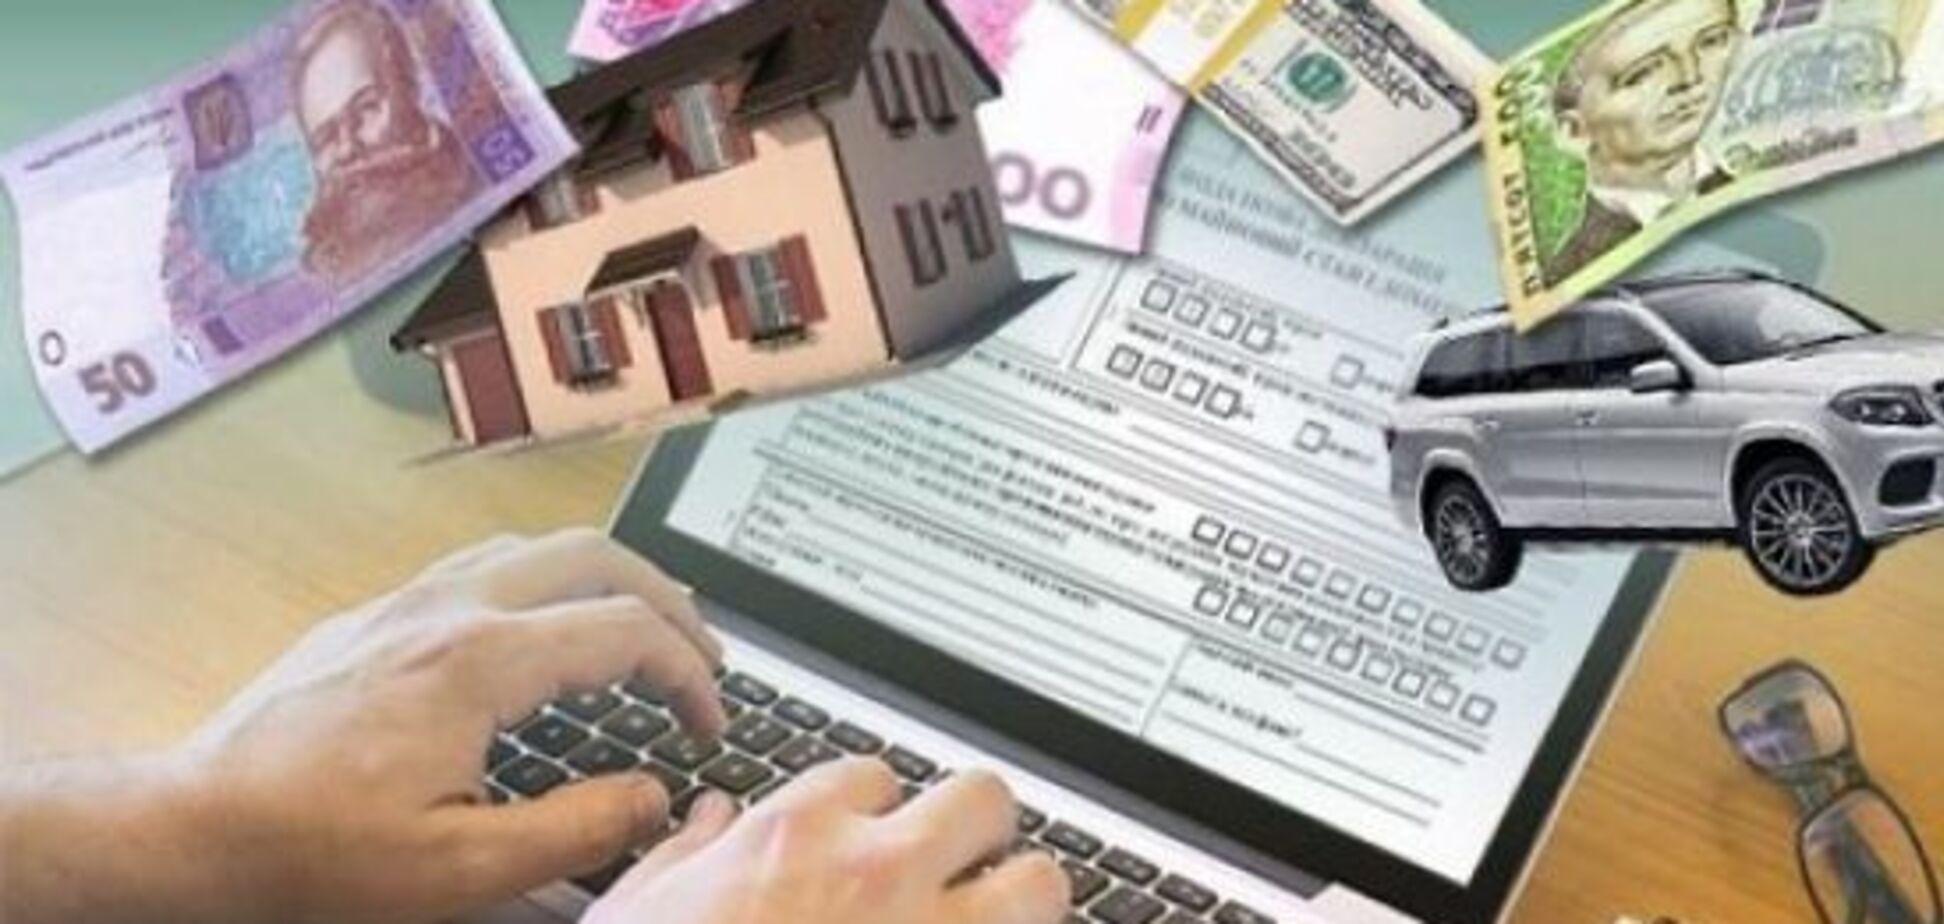 Новый сервис ГФС: украинским налогоплательщикам упростят жизнь